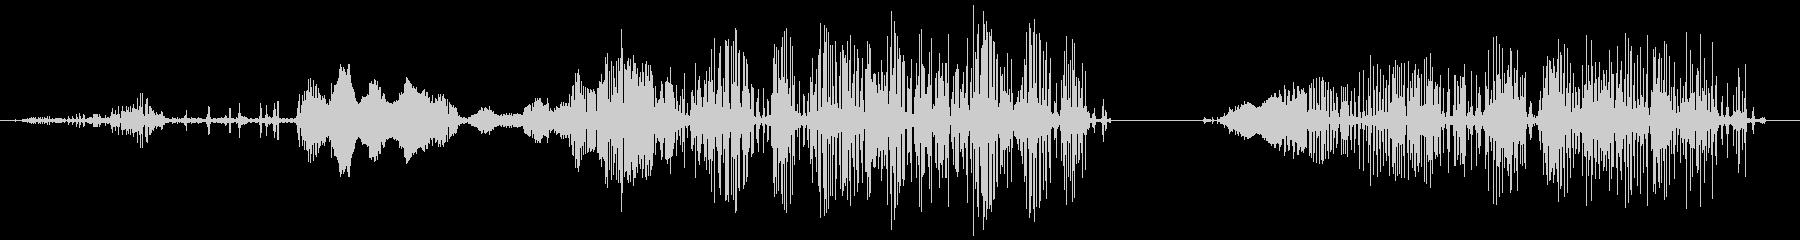 エイリアンラットの鳴き声、SCI ...の未再生の波形